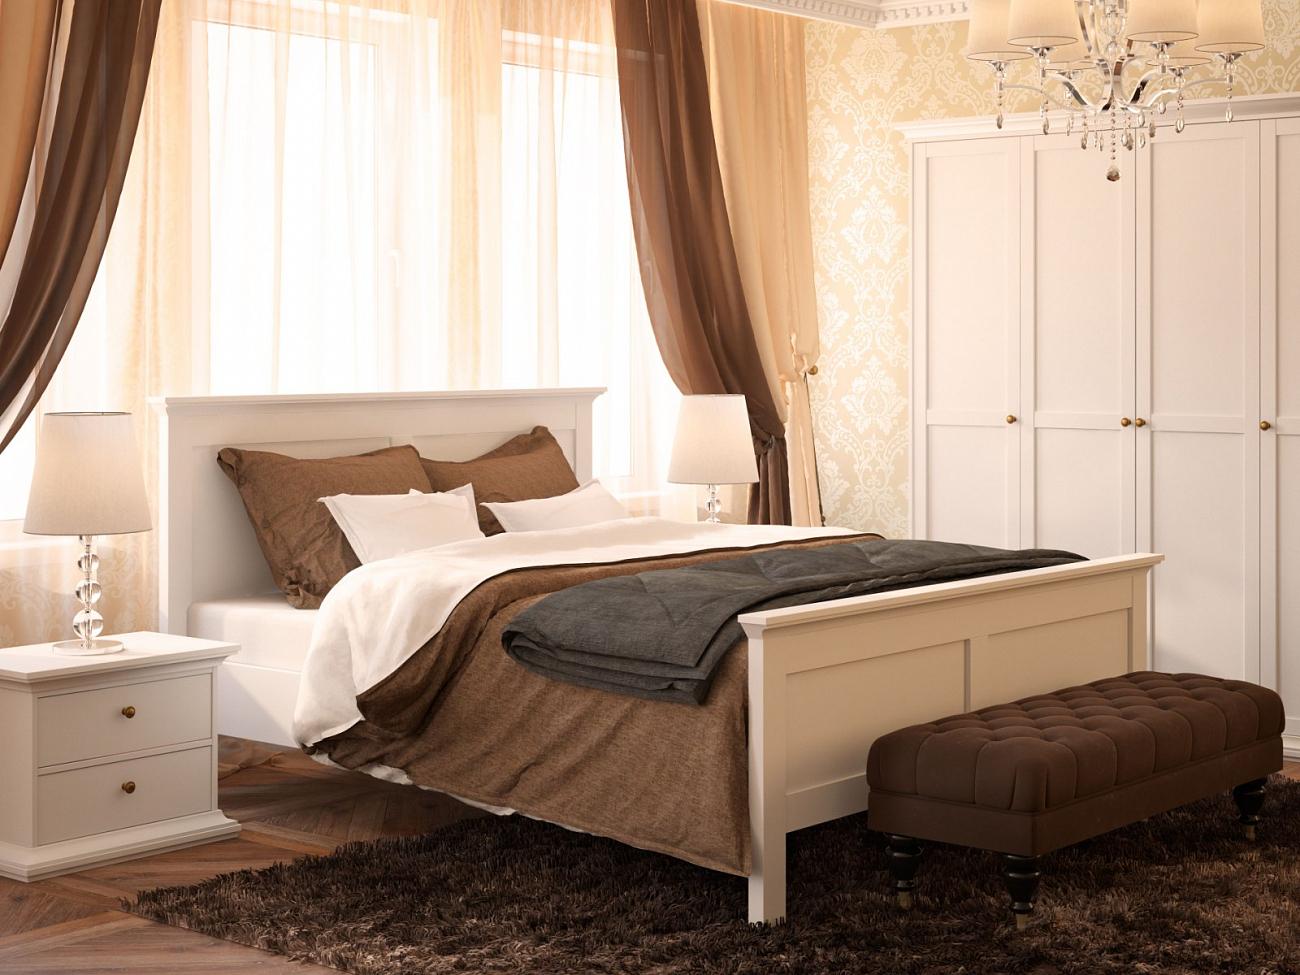 для спальни кровать в скандинавском стиле